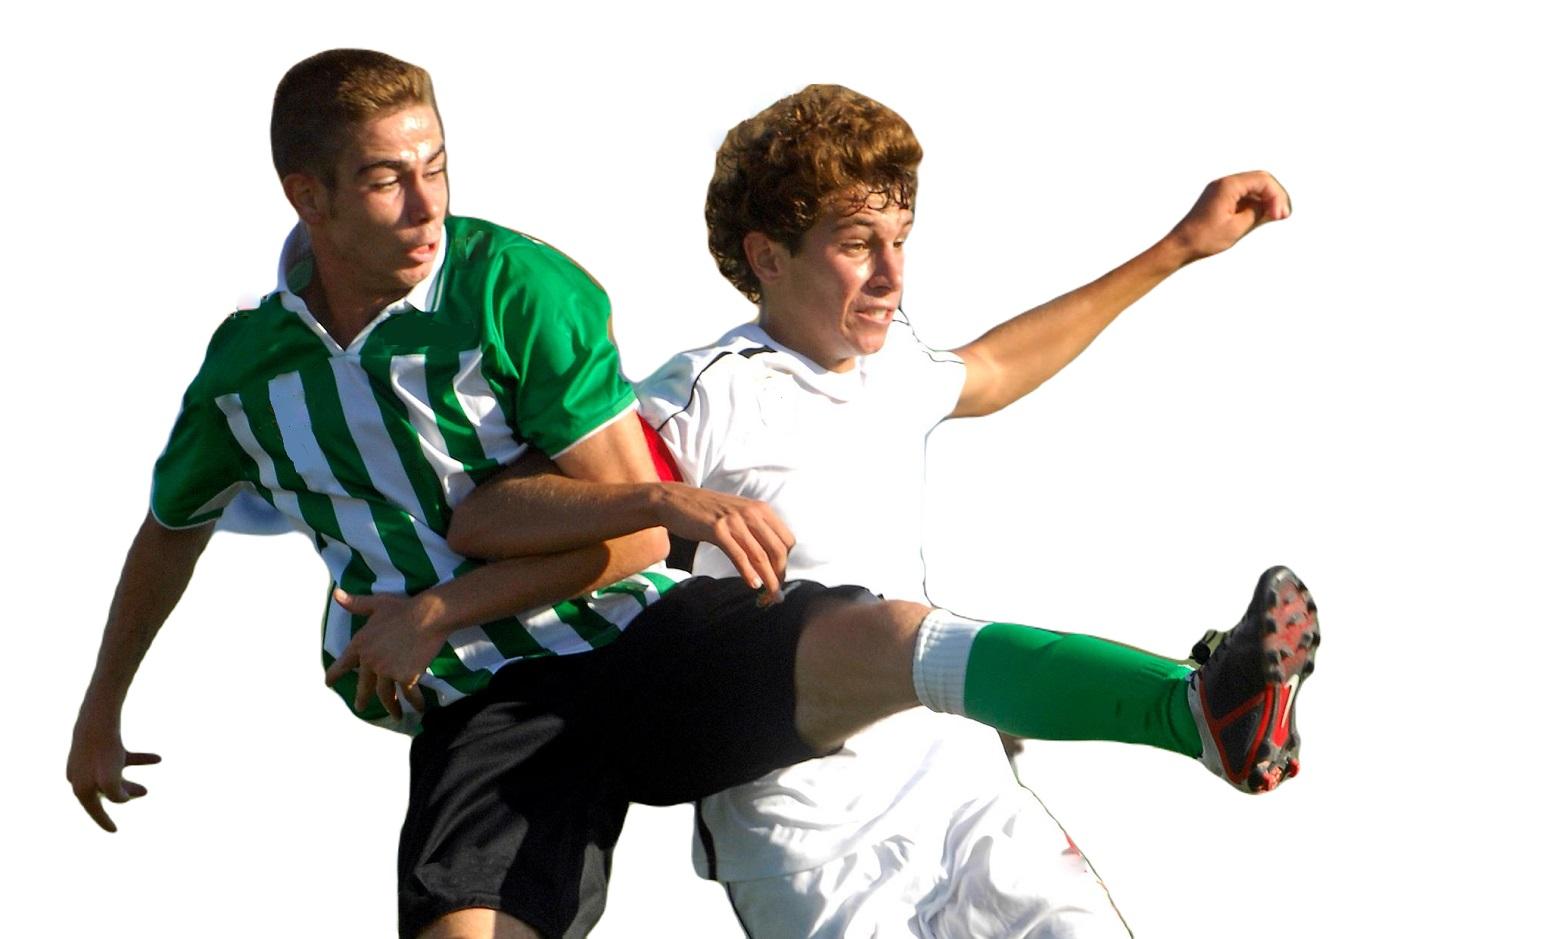 futbolistas joveens 2021